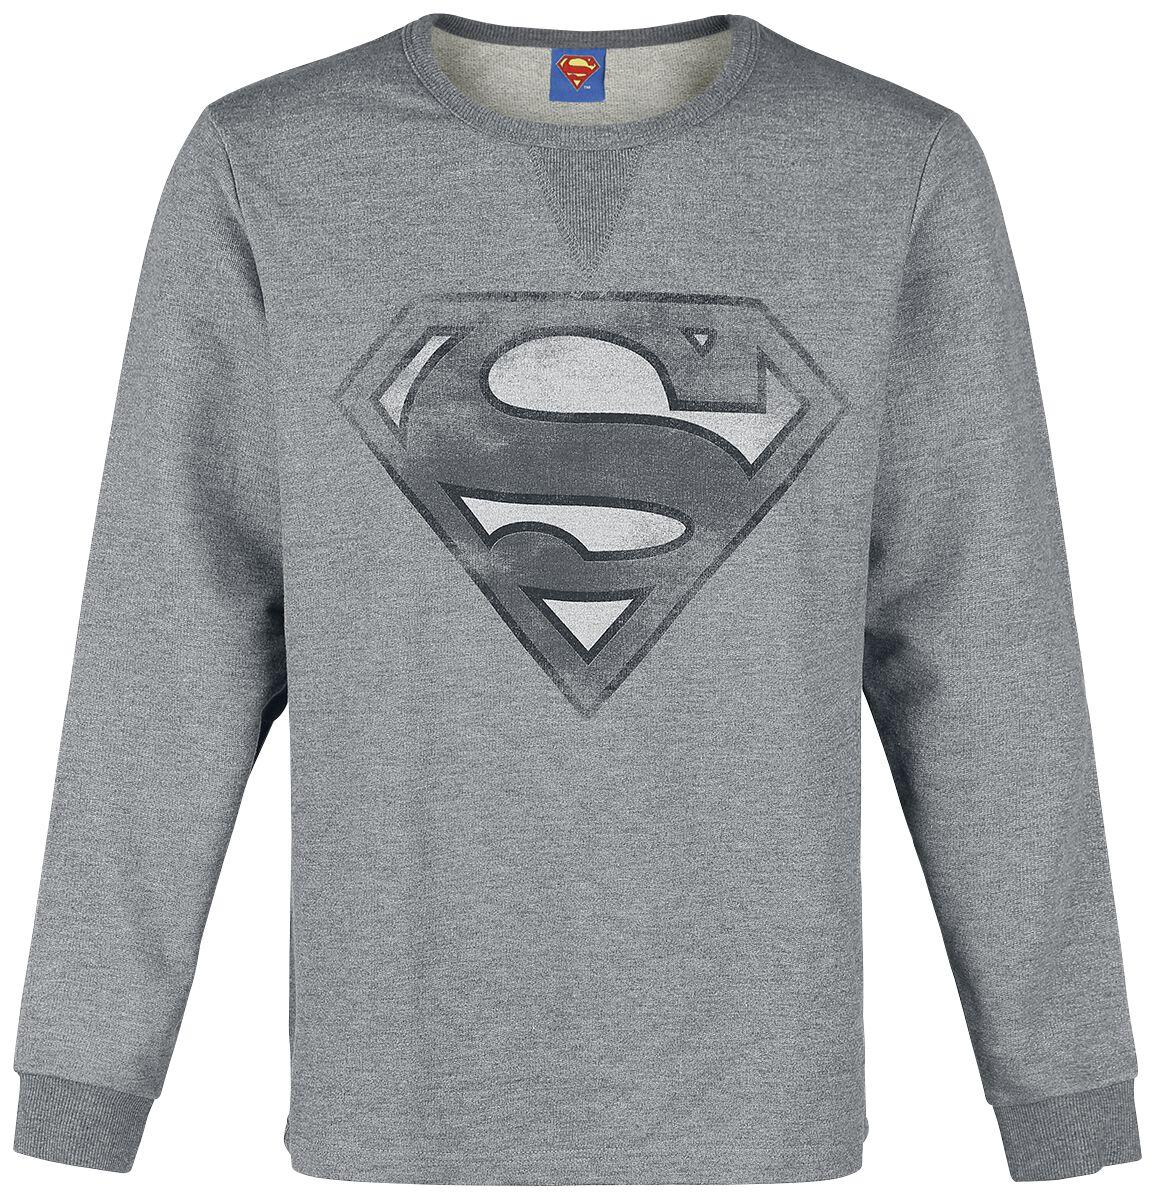 Merch dla Fanów - Bluzy - Bluza Superman Logo Bluza odcienie szarego - 351374